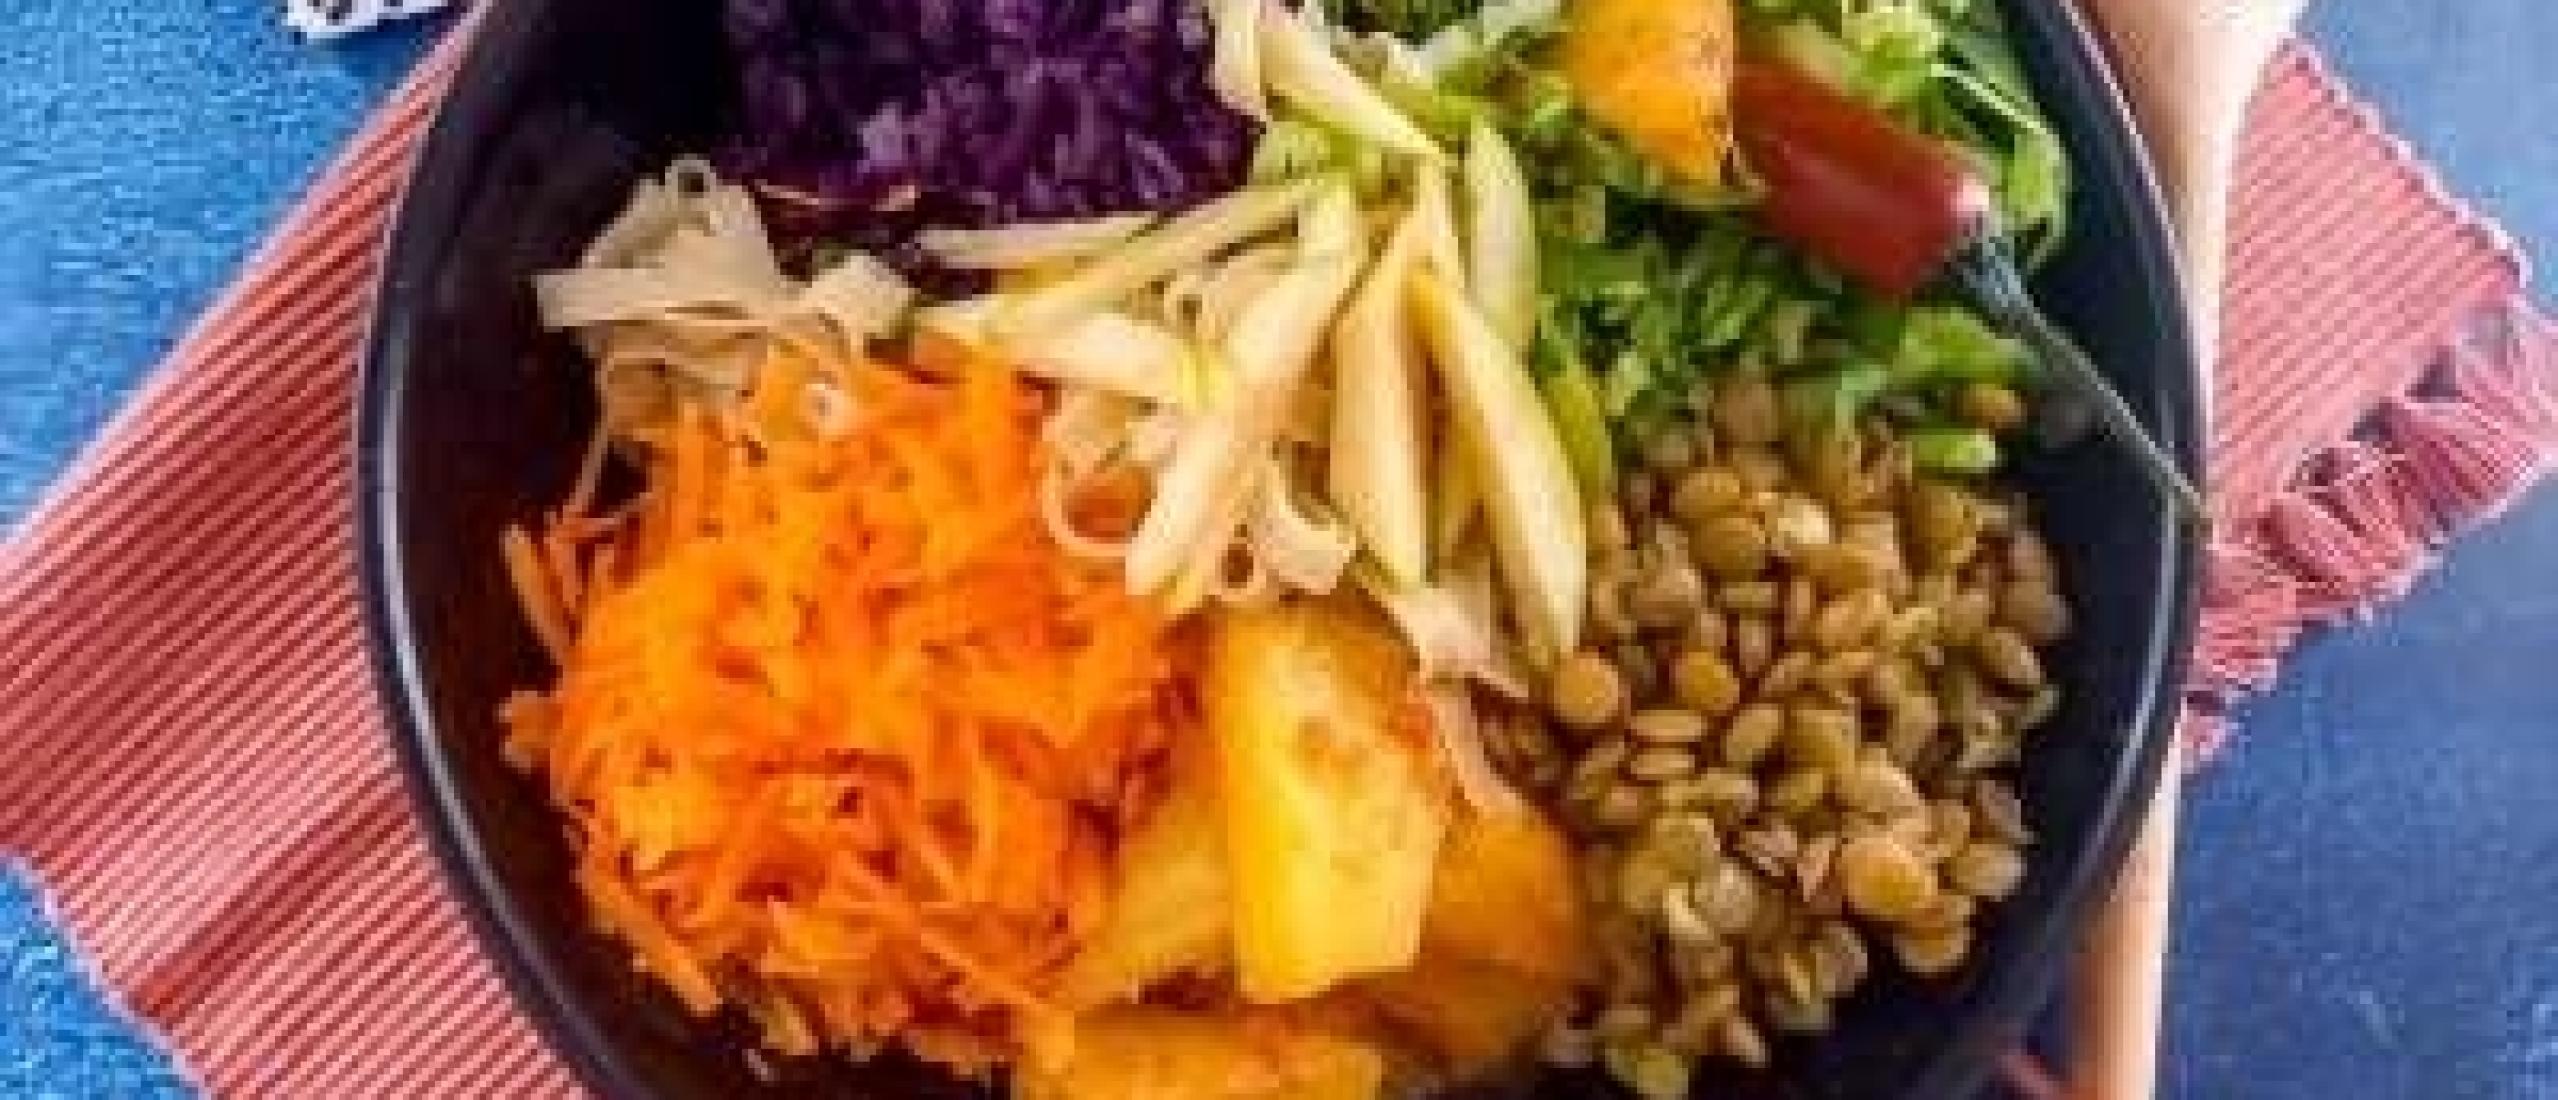 Rijstnoedel bowl met groente, linzen, en een ananascompote